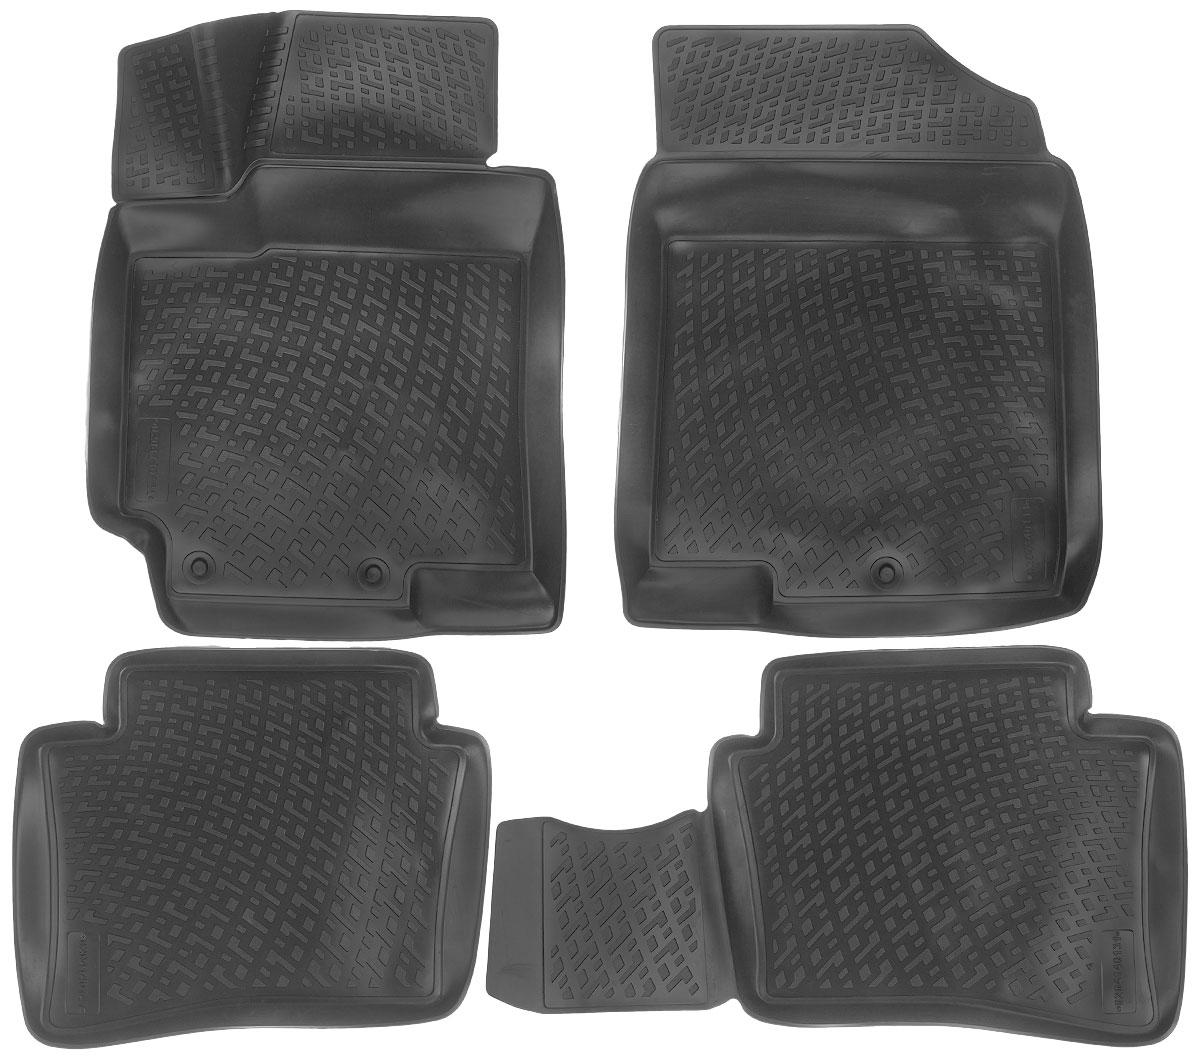 Набор автомобильных ковриков L.Locker Hyundai Solaris 2010, в салон, 4 шт0204140101Набор L.Locker Hyundai Solaris 2010, изготовленный из полиуретана, состоит из 4 антискользящих 3D ковриков, которые производятся индивидуально для каждой модели автомобиля. Изделие точно повторяет геометрию пола автомобиля, имеет высокий борт, обладает повышенной износоустойчивостью, лишено резкого запаха и сохраняет свои потребительские свойства в широком диапазоне температур от -50°С до +50°С.Комплектация: 4 шт.Размер ковриков: 75 см х 57 см; 56 см х 45 см;56 см х 45 см; 75 см х 57 см.